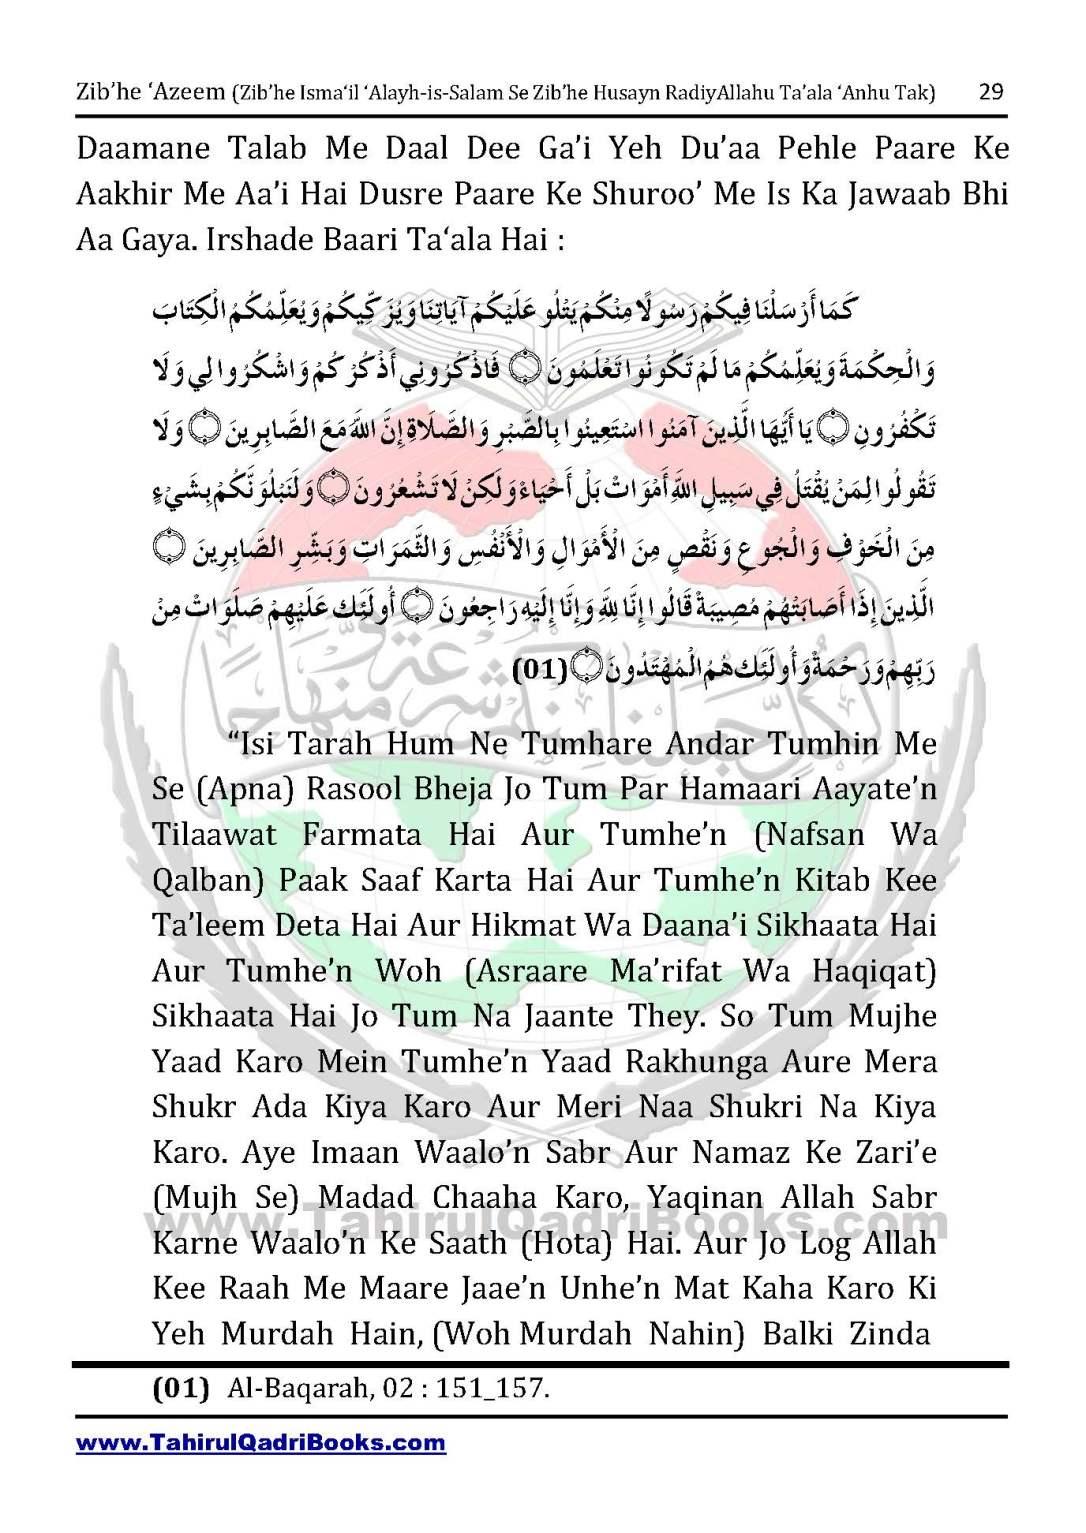 zib_he-e28098azeem-zib_he-ismacabbil-se-zib_he-husayn-tak-in-roman-urdu-unlocked_Page_029